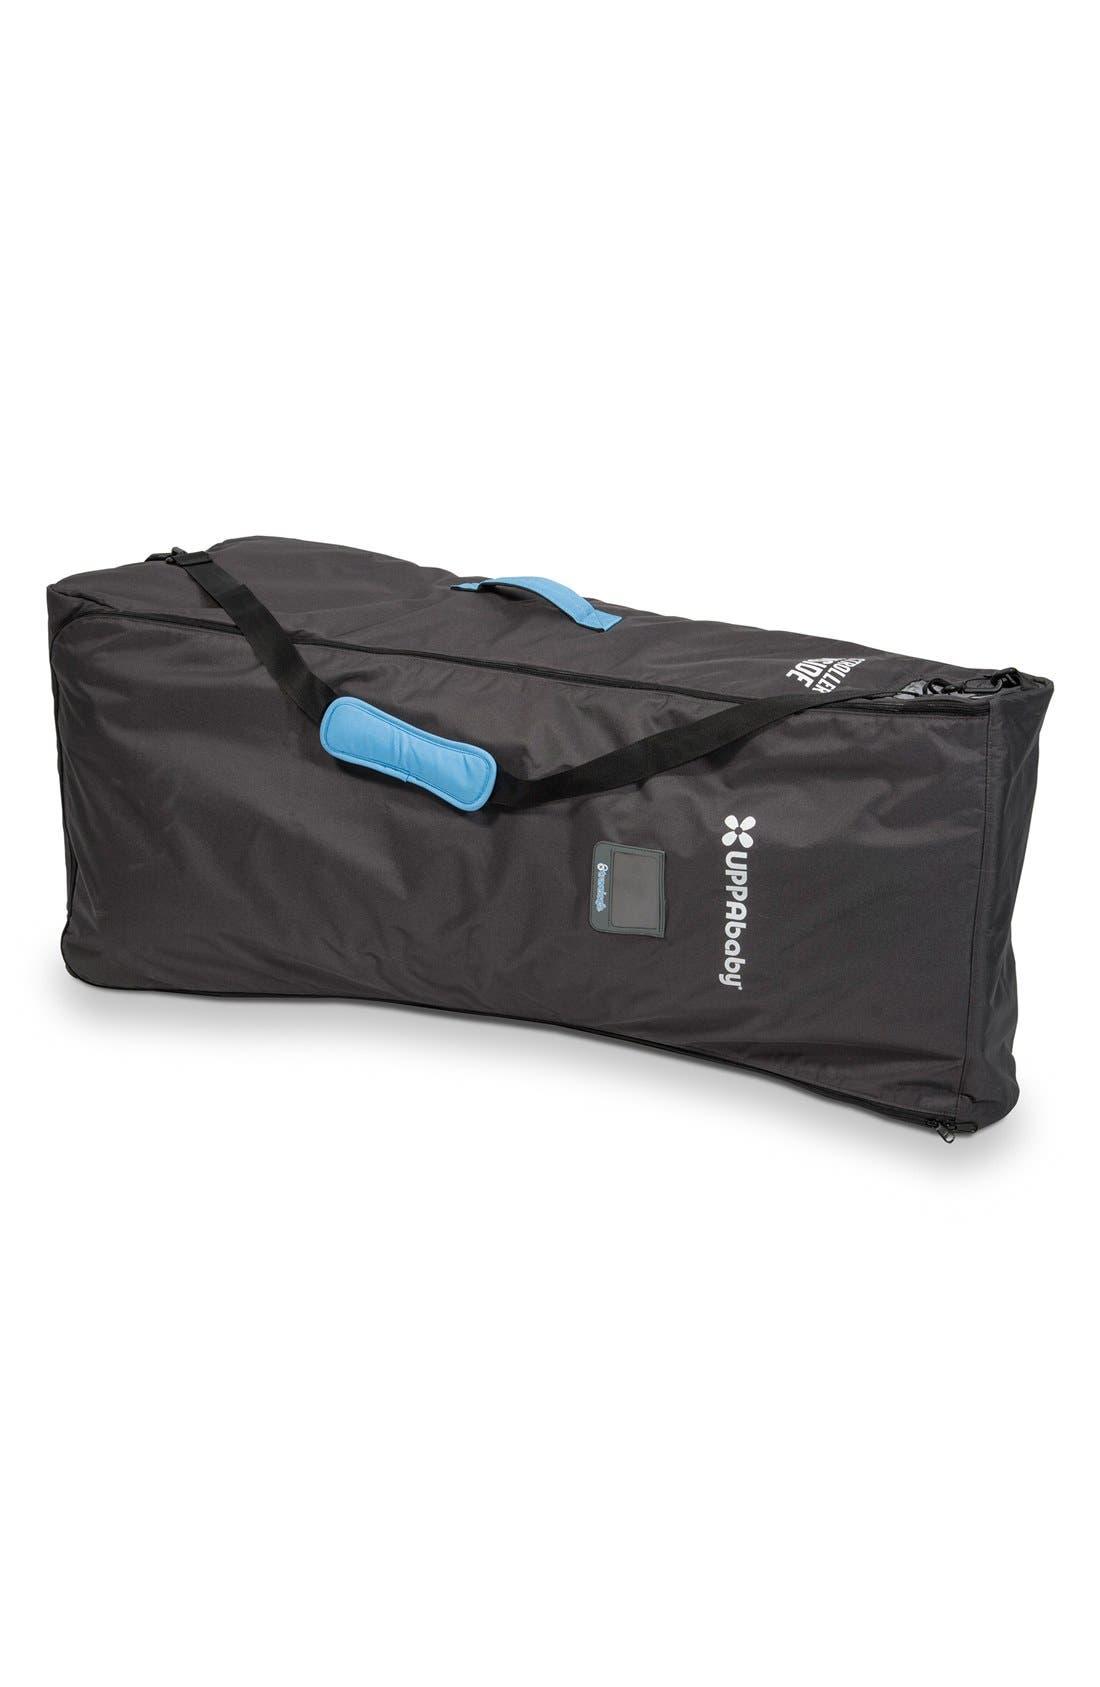 'G-LINK<sup>™</sup>' Side by Side Stroller Travel Bag,                         Main,                         color, black